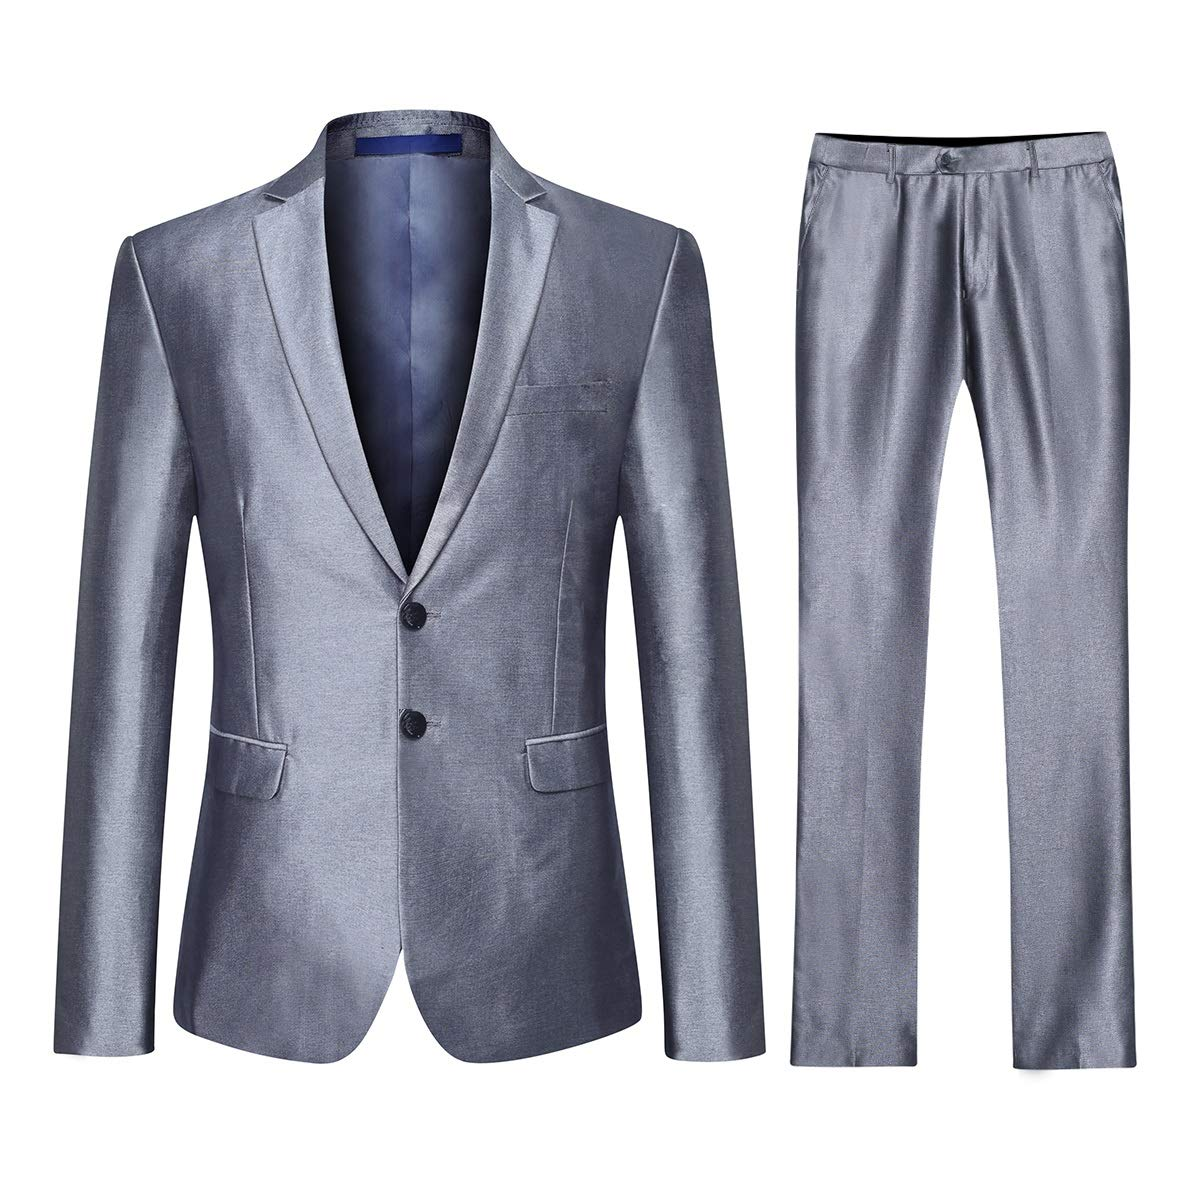 Silber Grau(2 Knopf) YOUTHUP Slim Fit 3 Teilig Herrenanzüge Business Hochzeit Herren Anzug Smoking Sakkos Anzughose und Weste